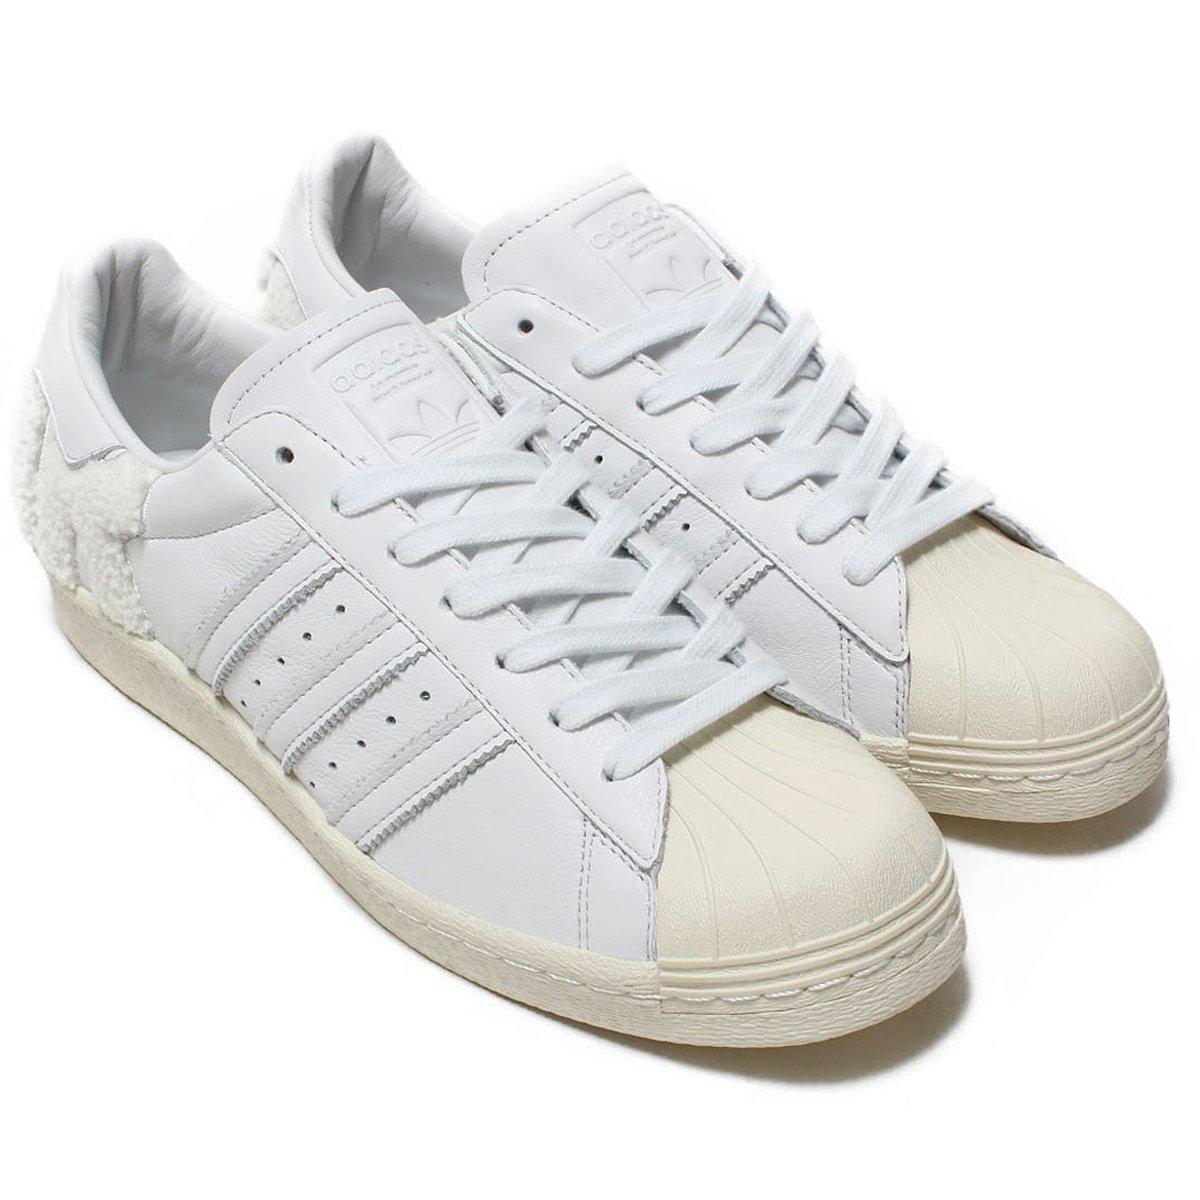 [アディダス] シューズ スーパースター 80s クリスタルホワイト/クリスタルホワイト/オフホワイト B37995 日本国内正規品 B07DVNM9RV